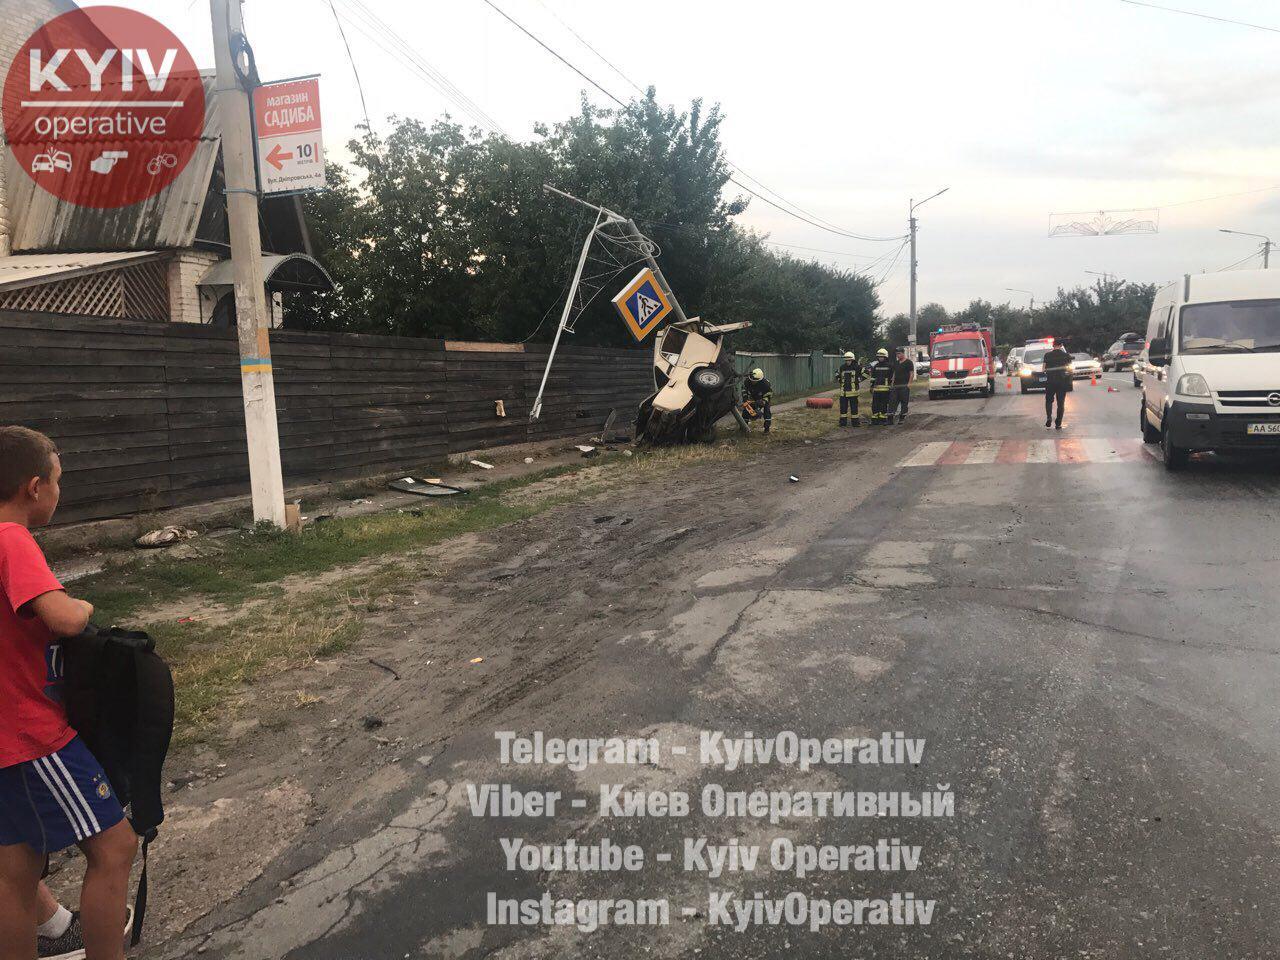 ДТП под Киевом: шофёр врезался встолб, пропуская пешеходов